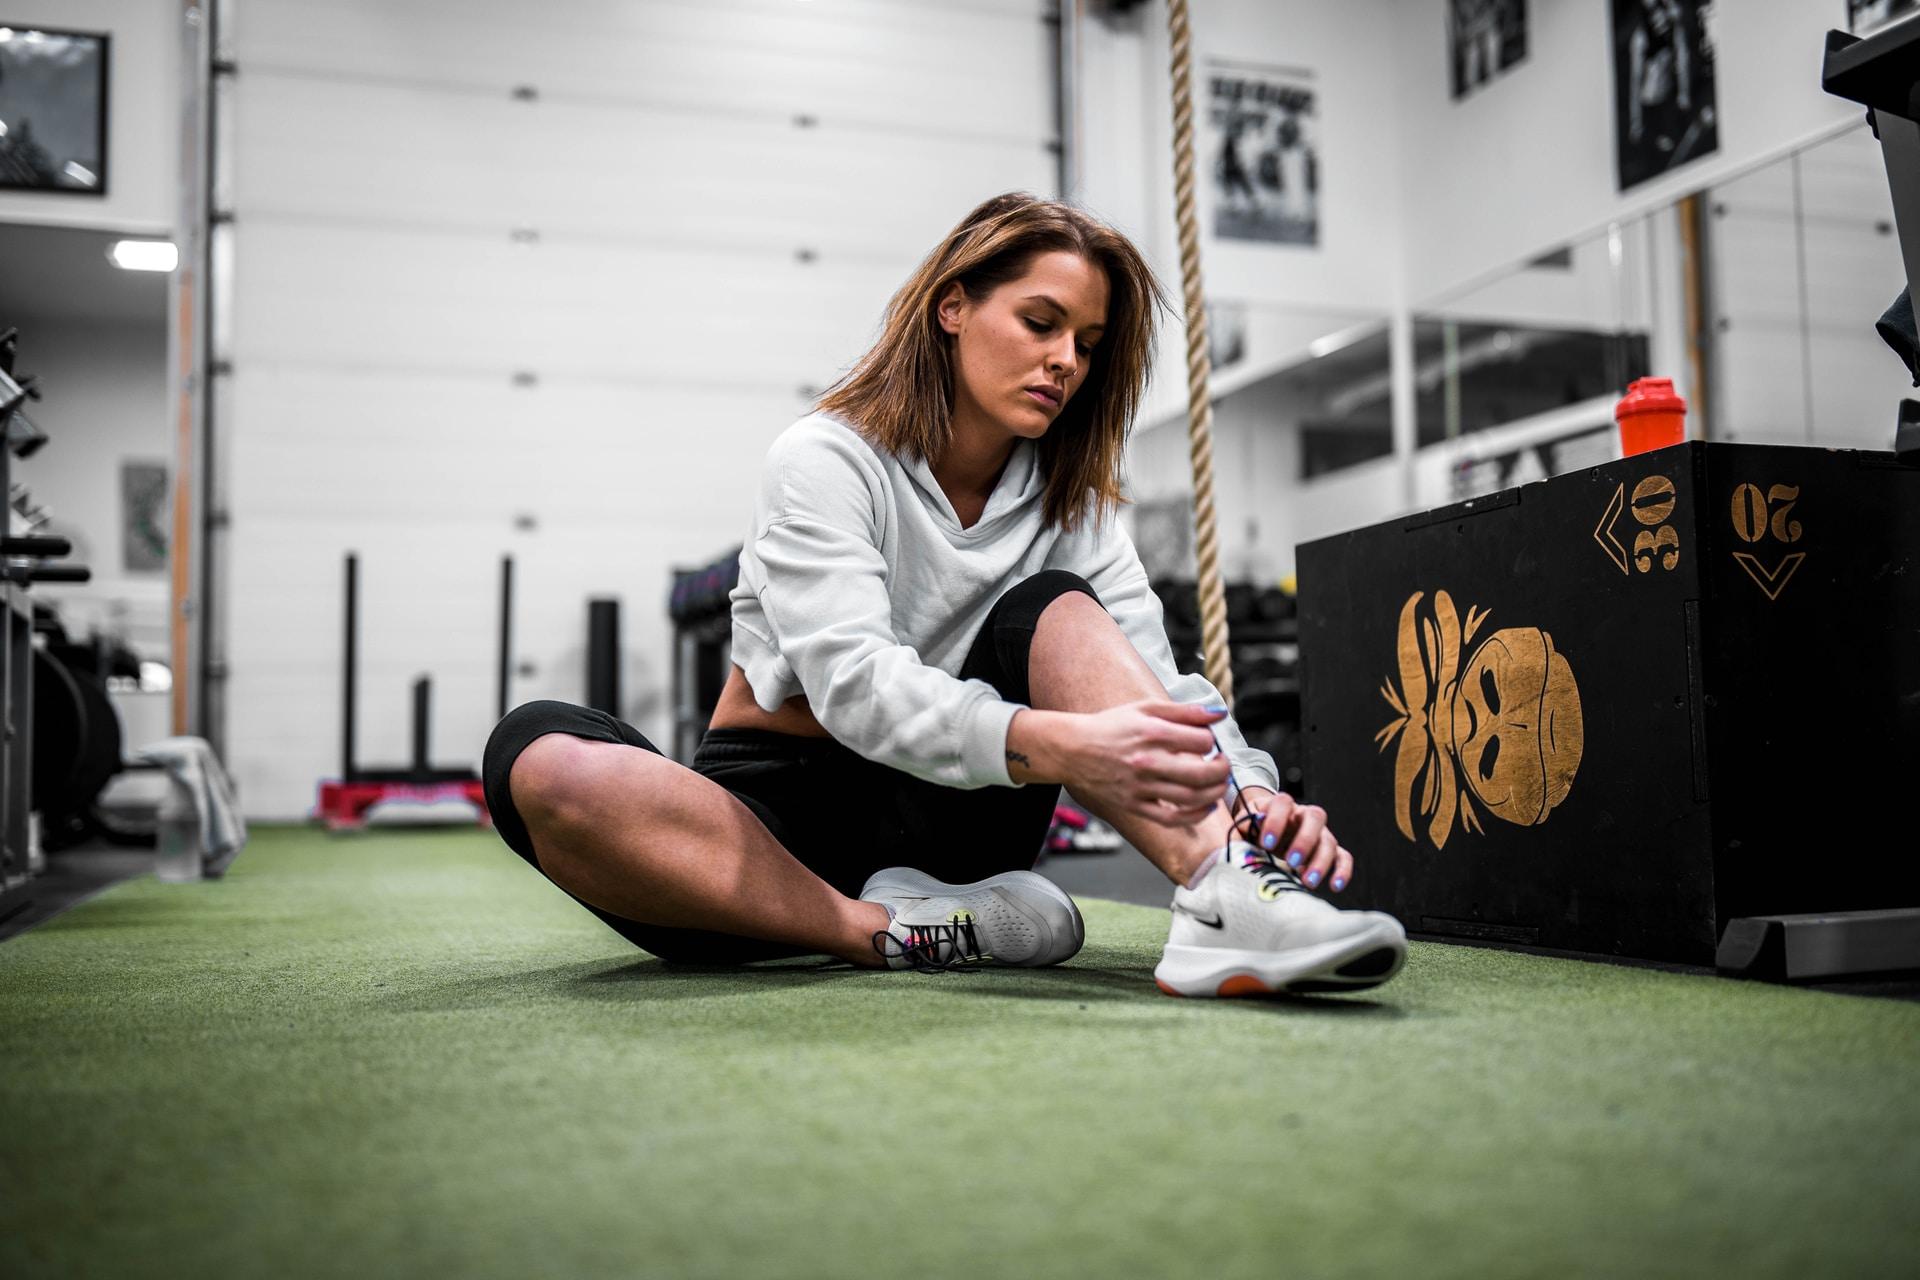 γυμναστείτε και αποκτήστε ενέργεια